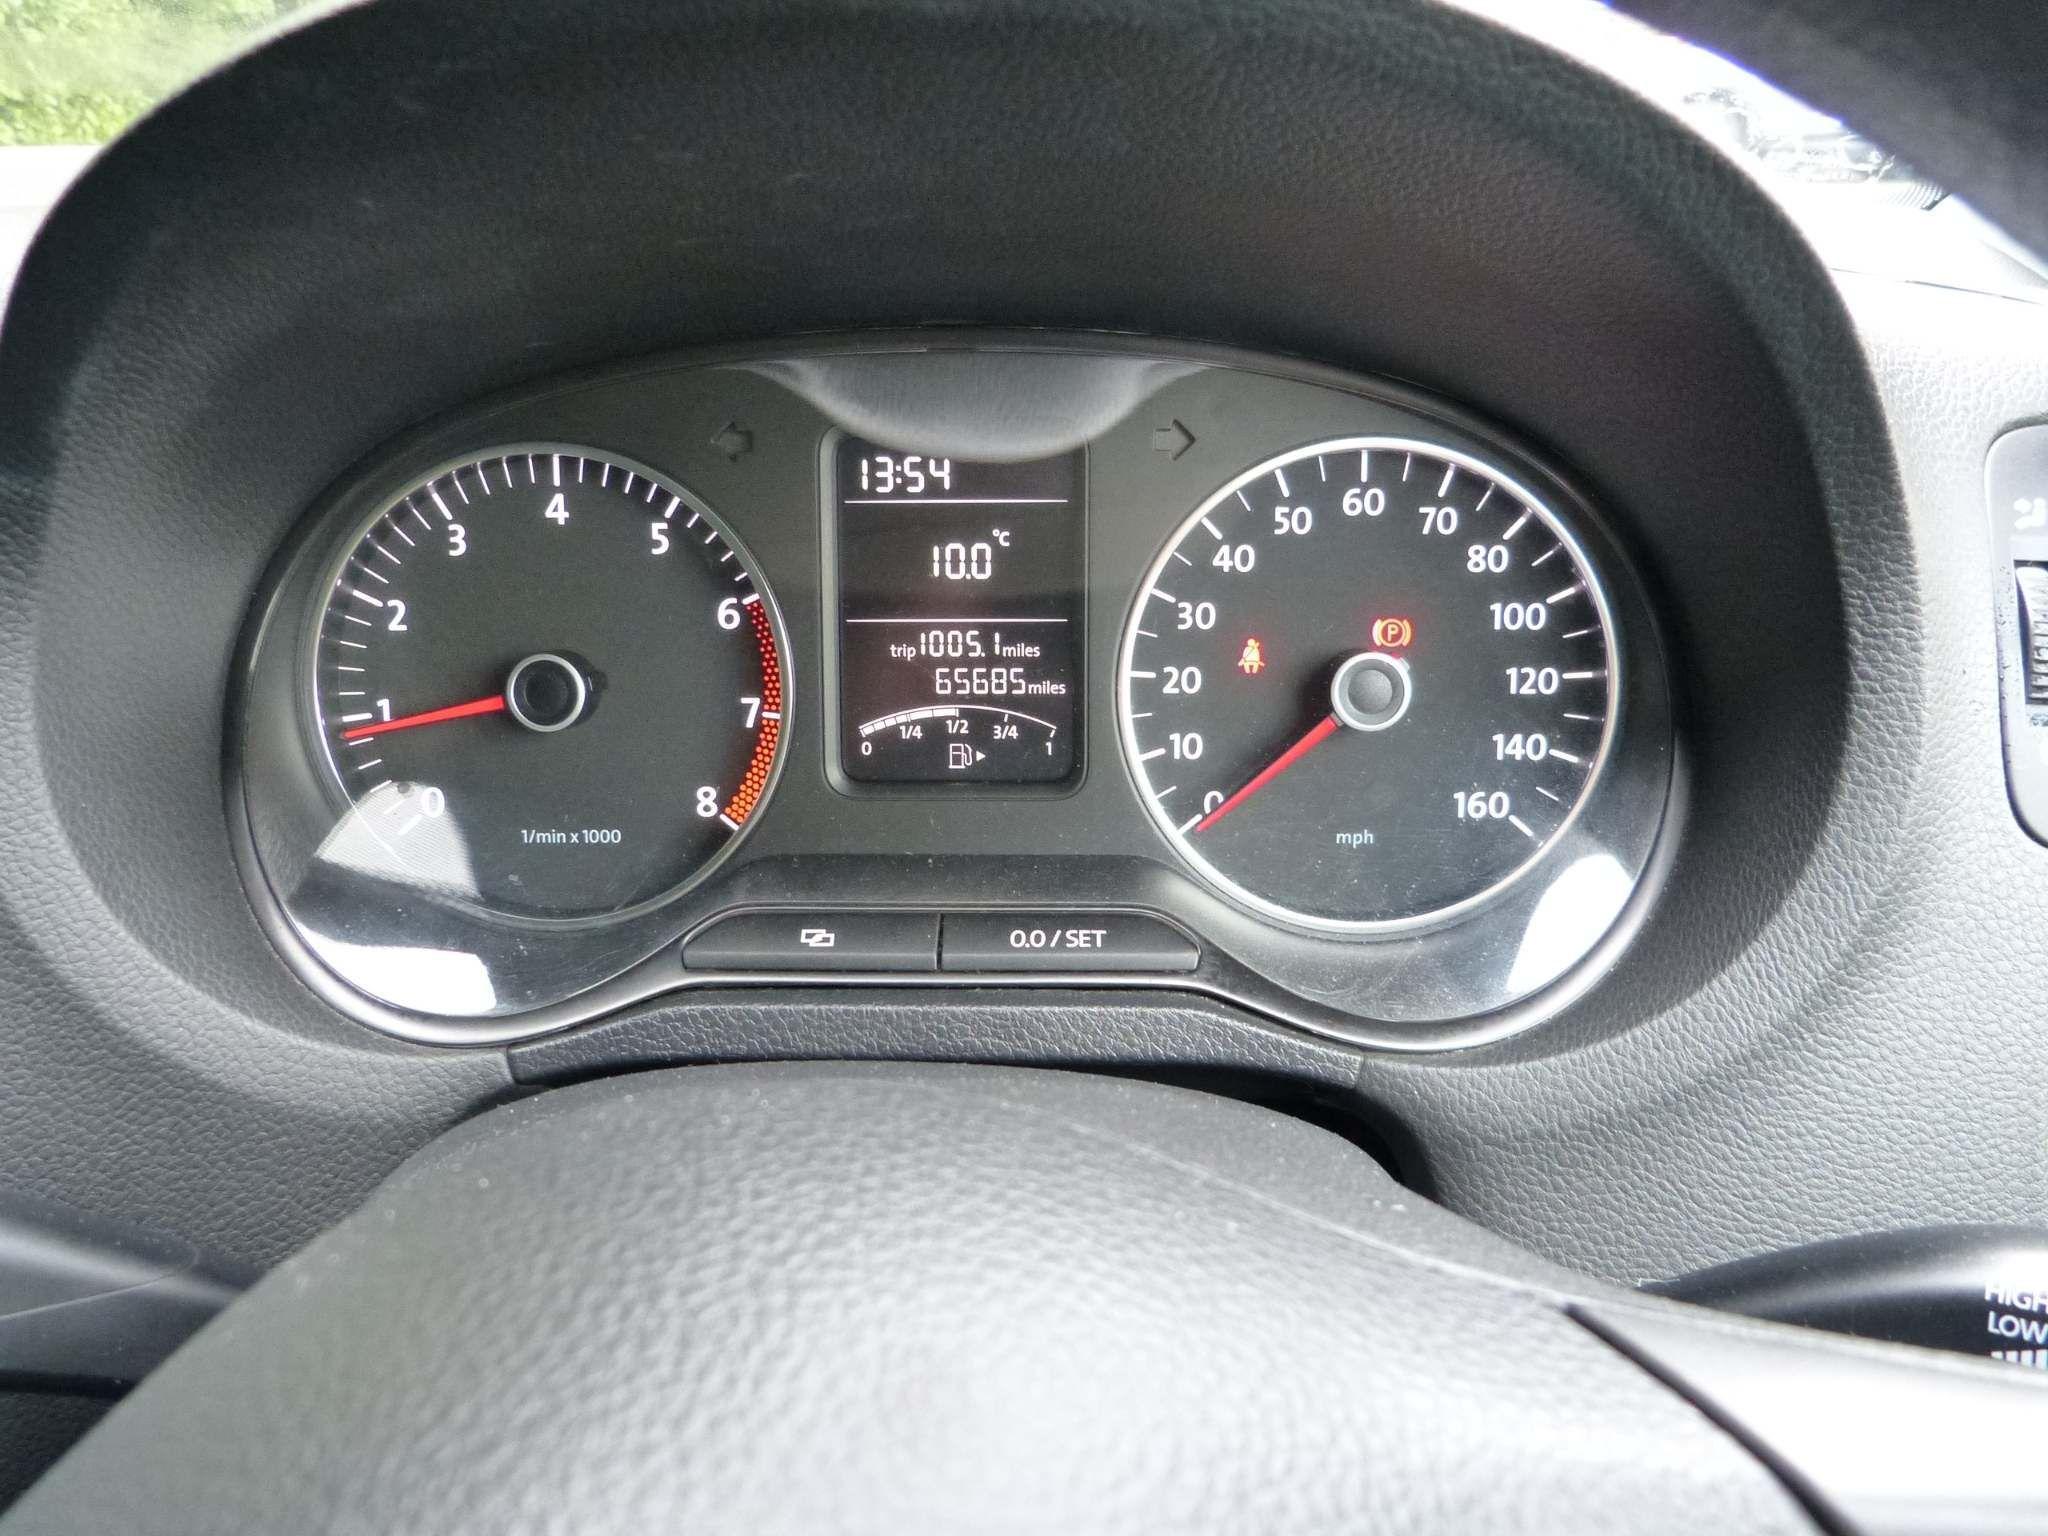 2012 VOLKSWAGEN Polo 1.2 Match Petrol Manual  – Beechlawn Motors Belfast full